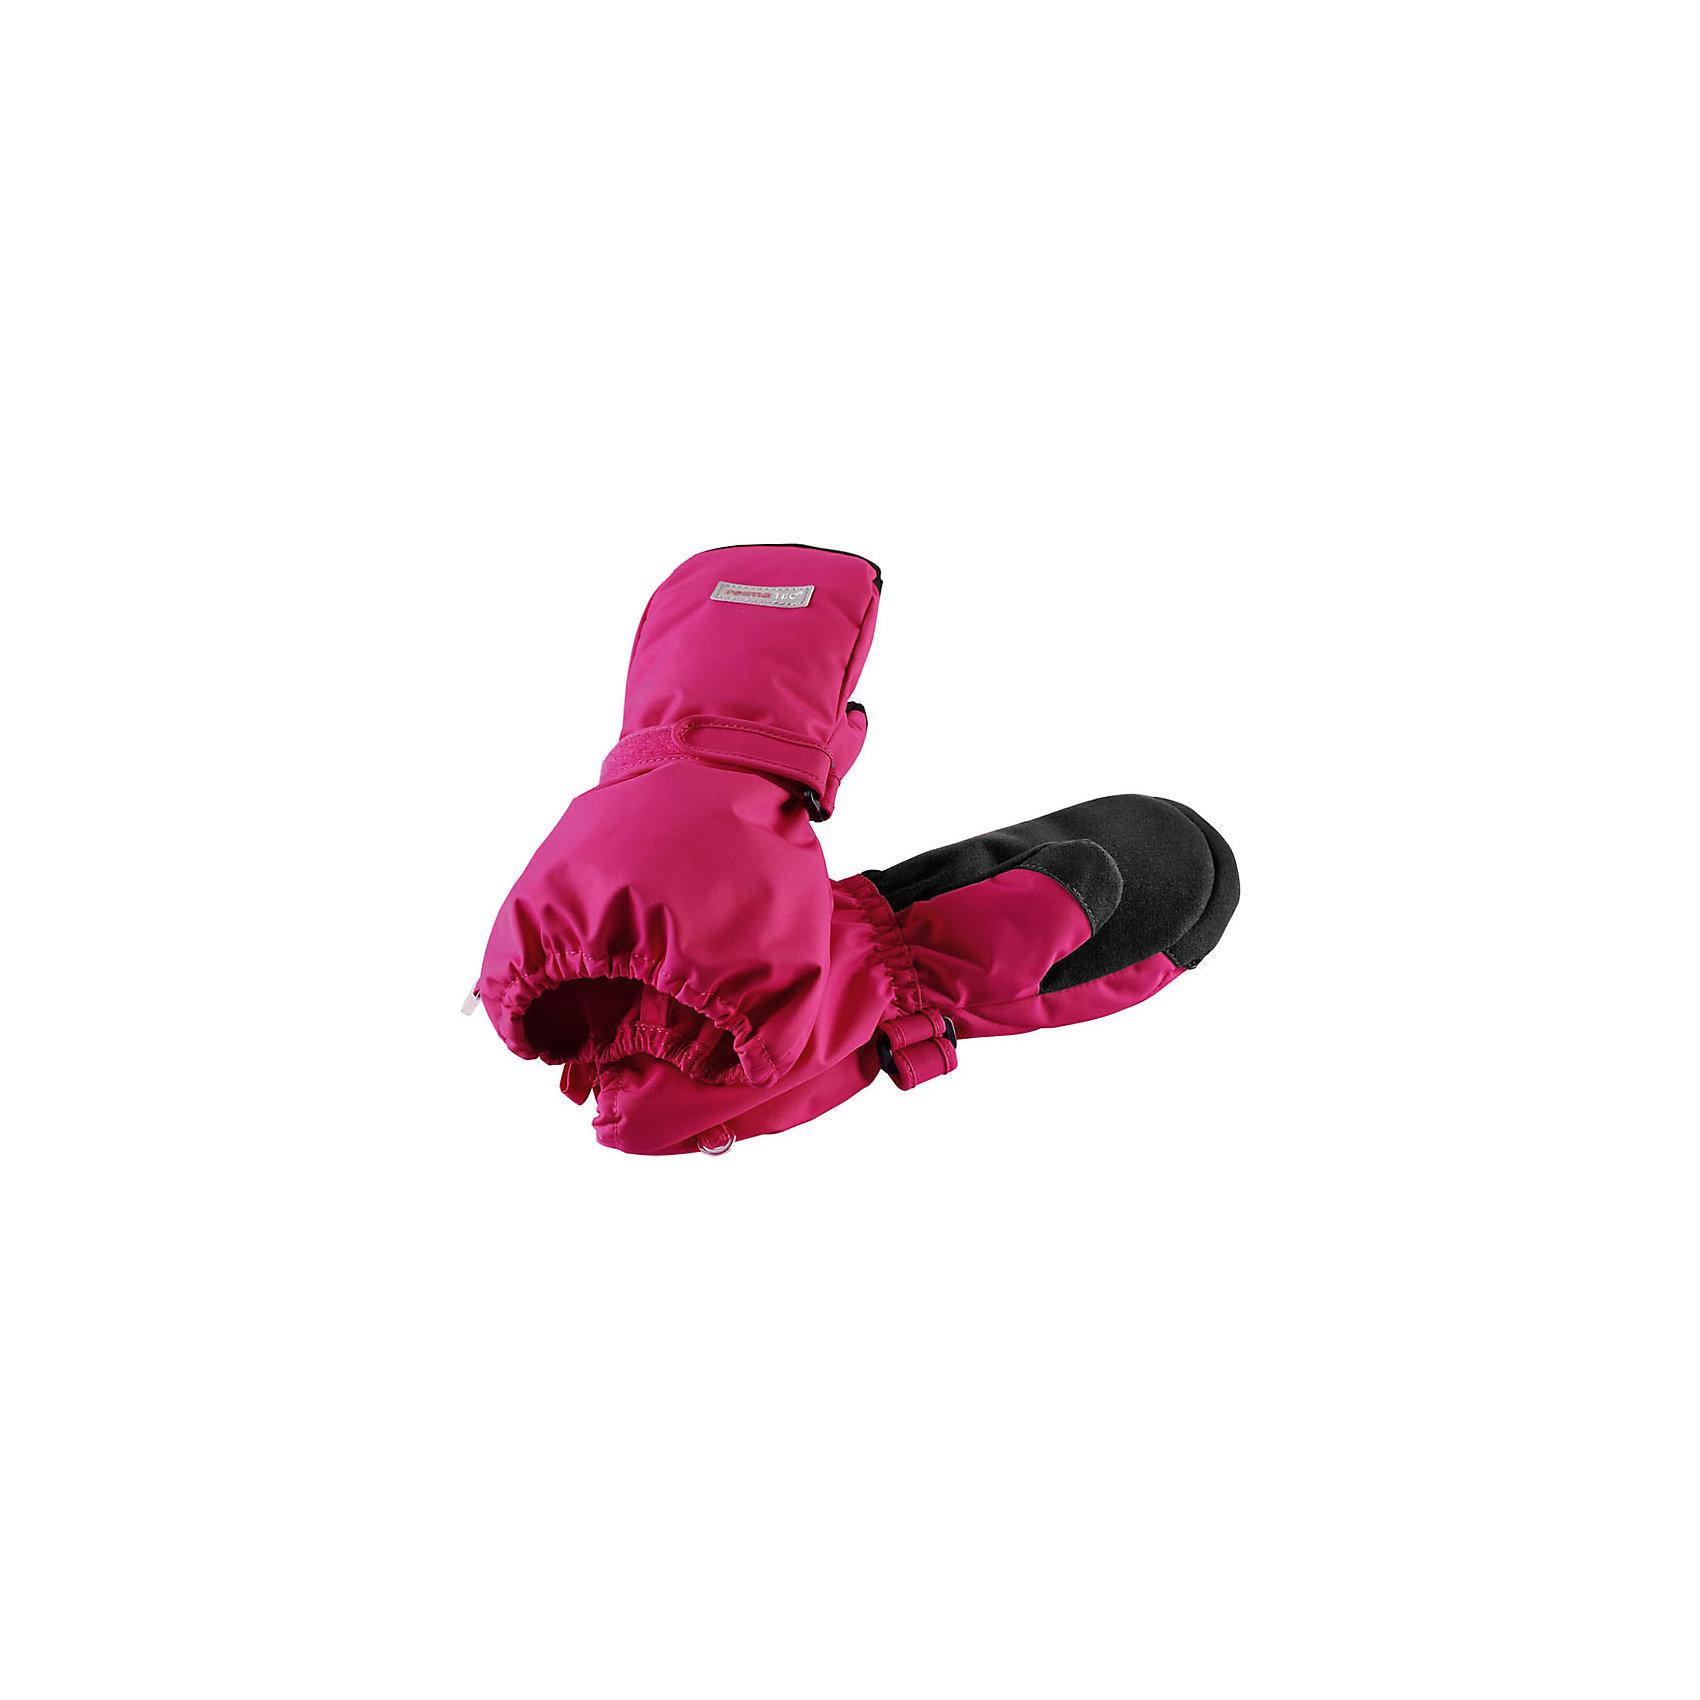 Варежки Reimatec® Reima OteПерчатки, варежки<br>Характеристики товара:<br><br>• цвет: розовый;<br>• состав: 100% полиэстер;<br>• подкладка: 100% полиэстер, флис;<br>• утеплитель: 170 г/м2;<br>• сезон: зима;<br>• температурный режим: от 0 до -20;<br>• водонепроницаемость: 10000/15000 мм;<br>• воздухопроницаемость: 7000 мм;<br>• износостойкость: 40000 циклов (тест Мартиндейла);<br>• полная водонепроницаемость и дышащая способность благодаря вставке Hipora;<br>• водоотталкивающий, ветронепроницаемый и грязеотталкивающий материал;<br>• прочный материал;<br>• водонепроницаемая вставка;<br>• усиленные накладки на ладонях и больших пальцах;<br>• сплошная подкладка: мягкий теплый флис;<br>• застежка на липучке спереди;<br>• утеплитель PrimaLoft®;<br>• светоотражающие детали;<br>• страна бренда: Финляндия;<br>• страна изготовитель: Китай.<br><br>Зимние варежки Reimatec®+ для малышей и детей постарше снабжены водонепроницаемой вставкой Hipora, а также усилениями на ладони, большом пальце и по верху варежки. Во время веселых зимних прогулок пальчикам будет тепло и сухо весь день. <br><br>Варежки подбиты невероятно легким, но при этом водонепроницаемым утеплителем PrimaLoft®! Благодаря высокотехнологичным материалам – утеплителю PrimaLoft® и ткани Reimatec® Duraplus – варежки хорошо пропускают воздух, обеспечивая максимальный комфорт в любых условиях.<br><br>Варежки Ote Reimatec® Reima от финского бренда Reima (Рейма) можно купить в нашем интернет-магазине.<br><br>Ширина мм: 162<br>Глубина мм: 171<br>Высота мм: 55<br>Вес г: 119<br>Цвет: розовый<br>Возраст от месяцев: 96<br>Возраст до месяцев: 120<br>Пол: Унисекс<br>Возраст: Детский<br>Размер: 6,2,3,4,5<br>SKU: 6902367